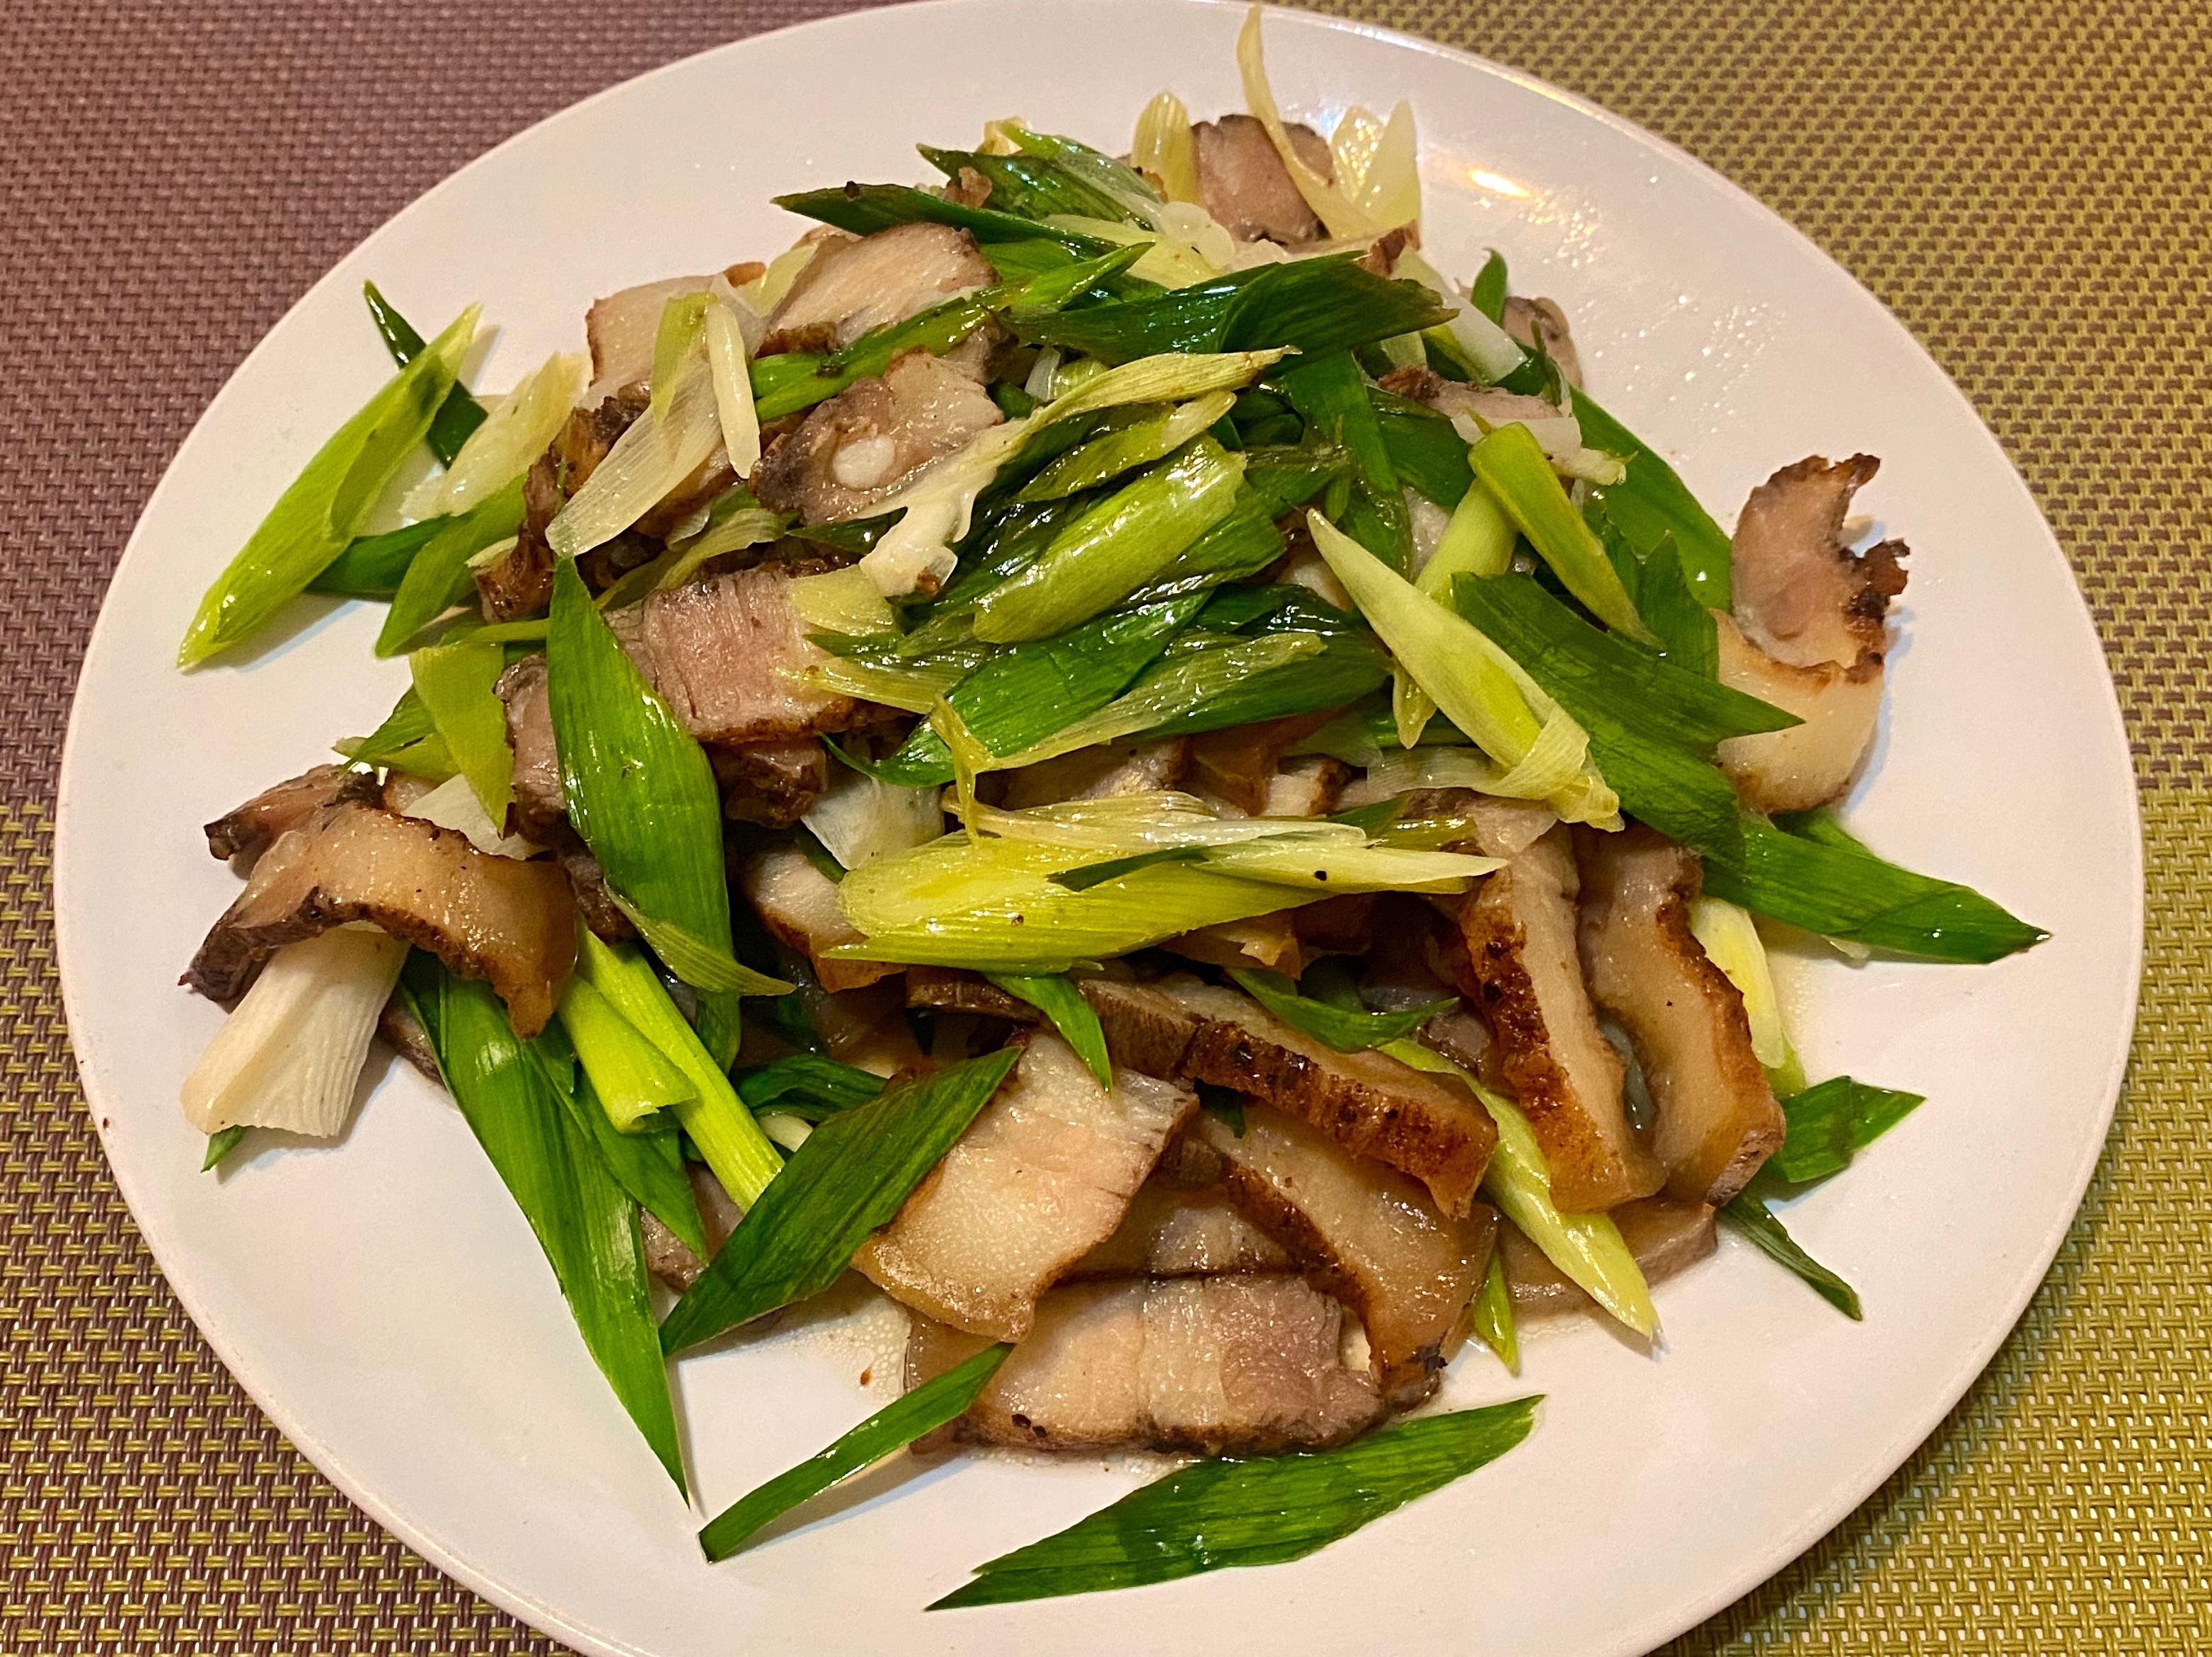 《料理簡單做》蒜苗炒鹹豬肉